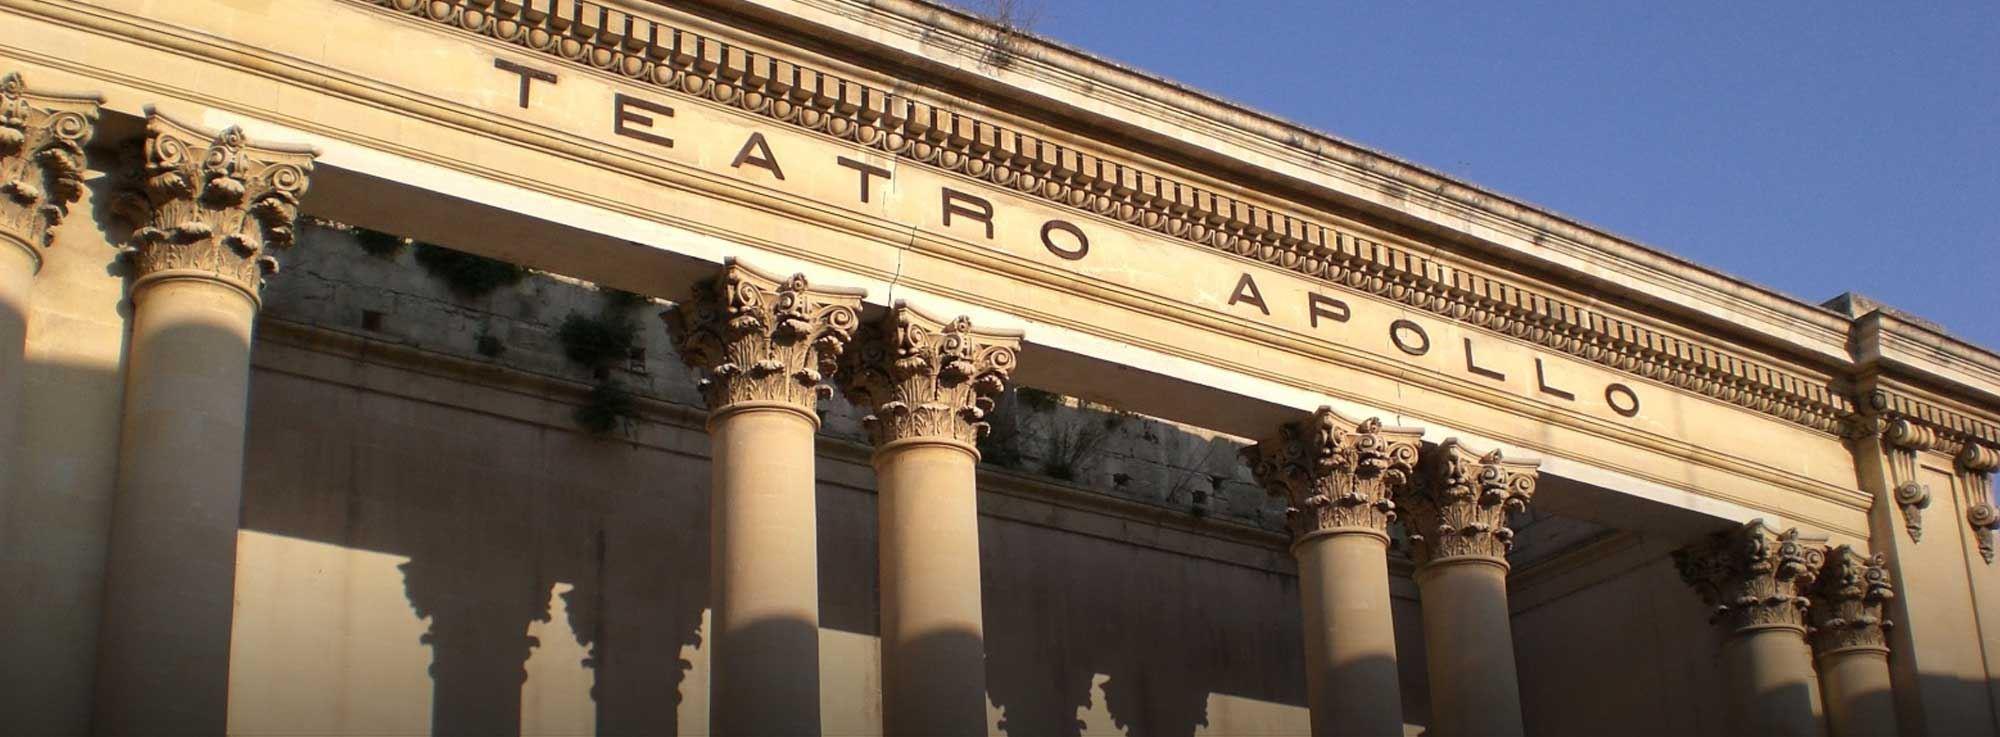 Lecce: Serata inaugurale del Teatro Apollo